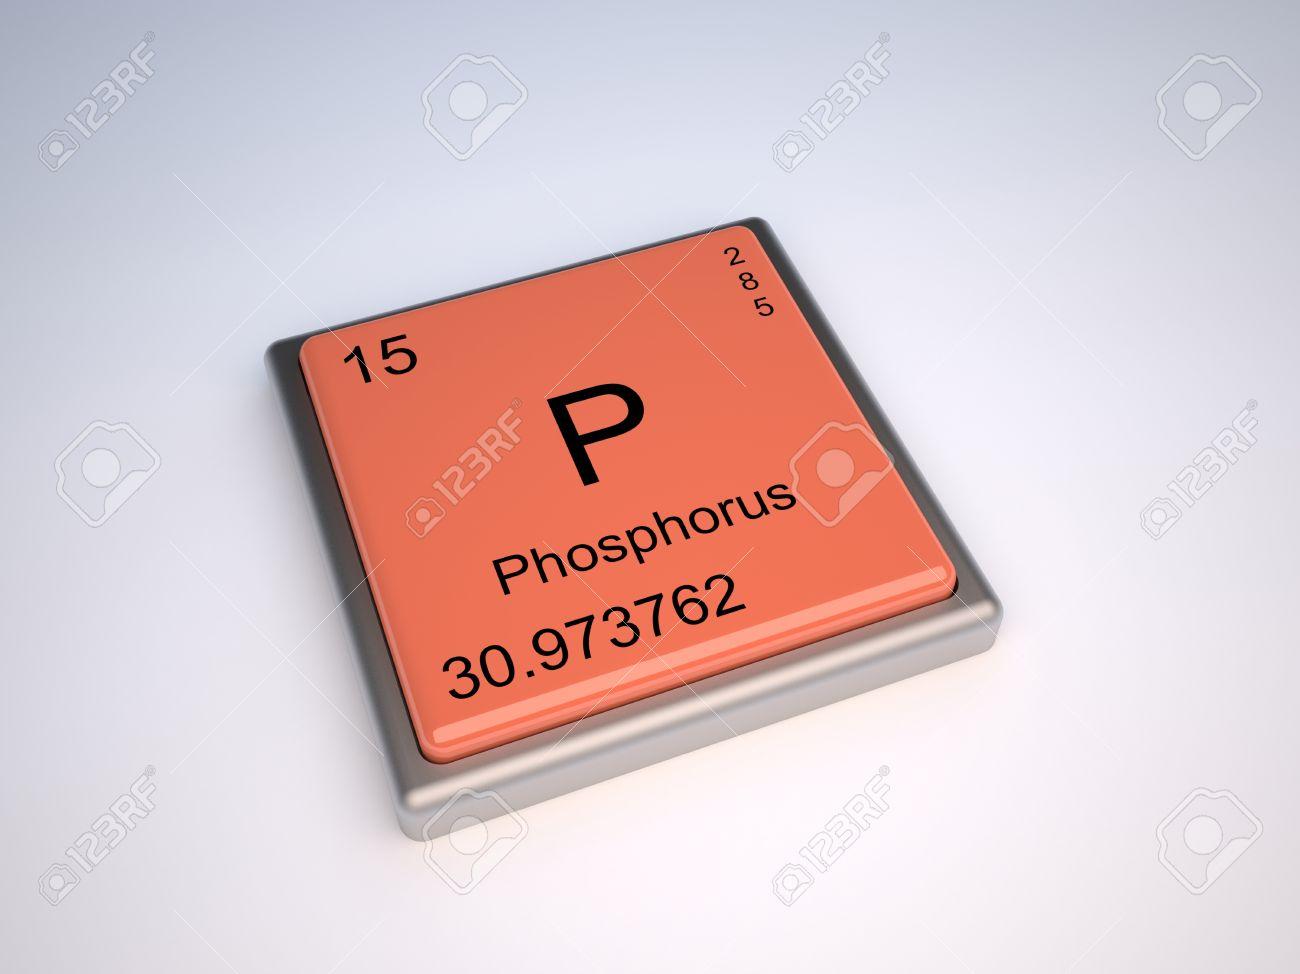 Elemento qumico fsforo de la tabla peridica con smbolo p fotos elemento qumico fsforo de la tabla peridica con smbolo p foto de archivo 9257140 urtaz Image collections